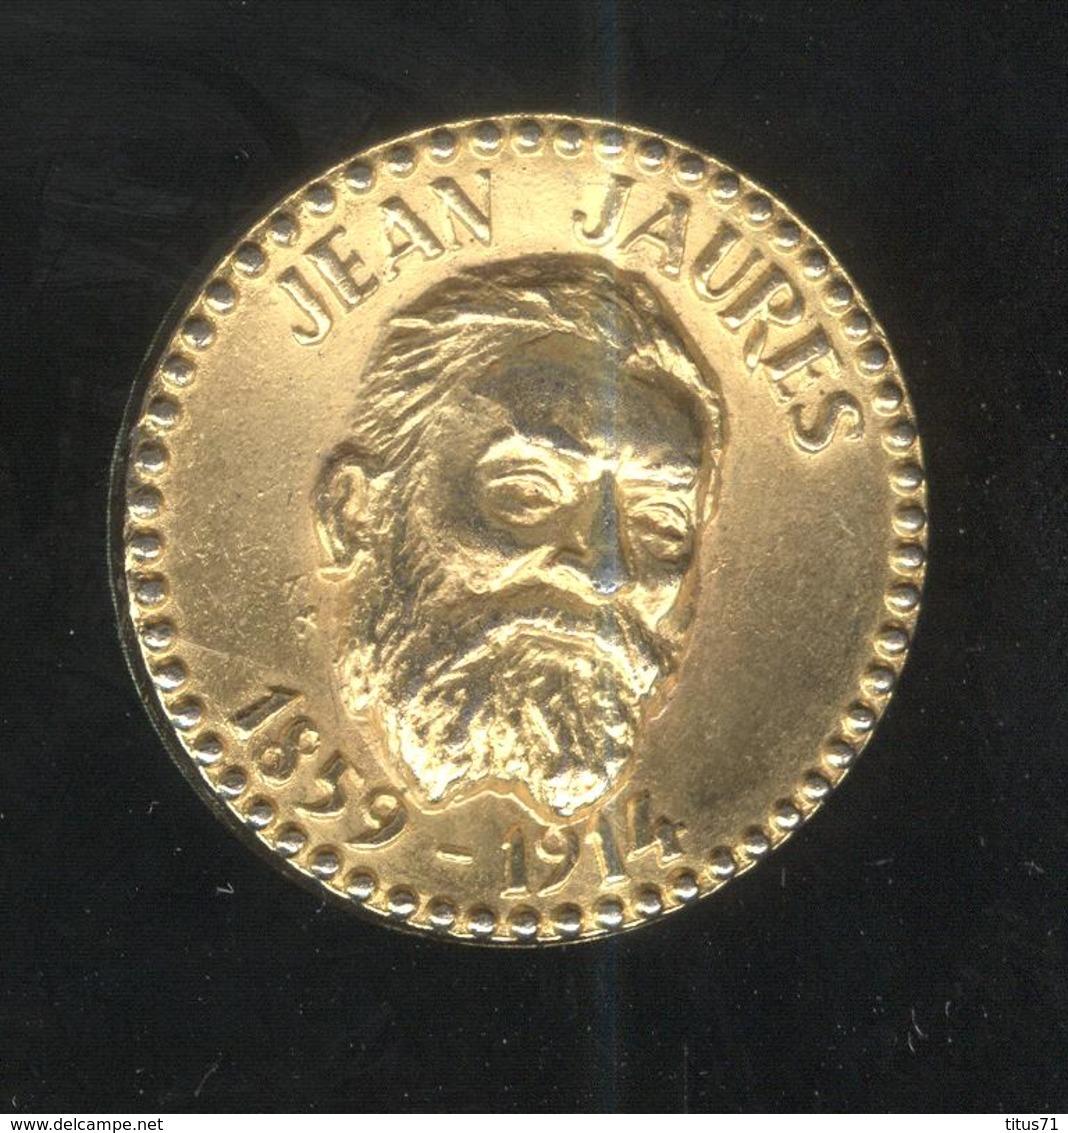 Jeton Total - Jean Jaurès 1859-1914 - Professionnels / De Société